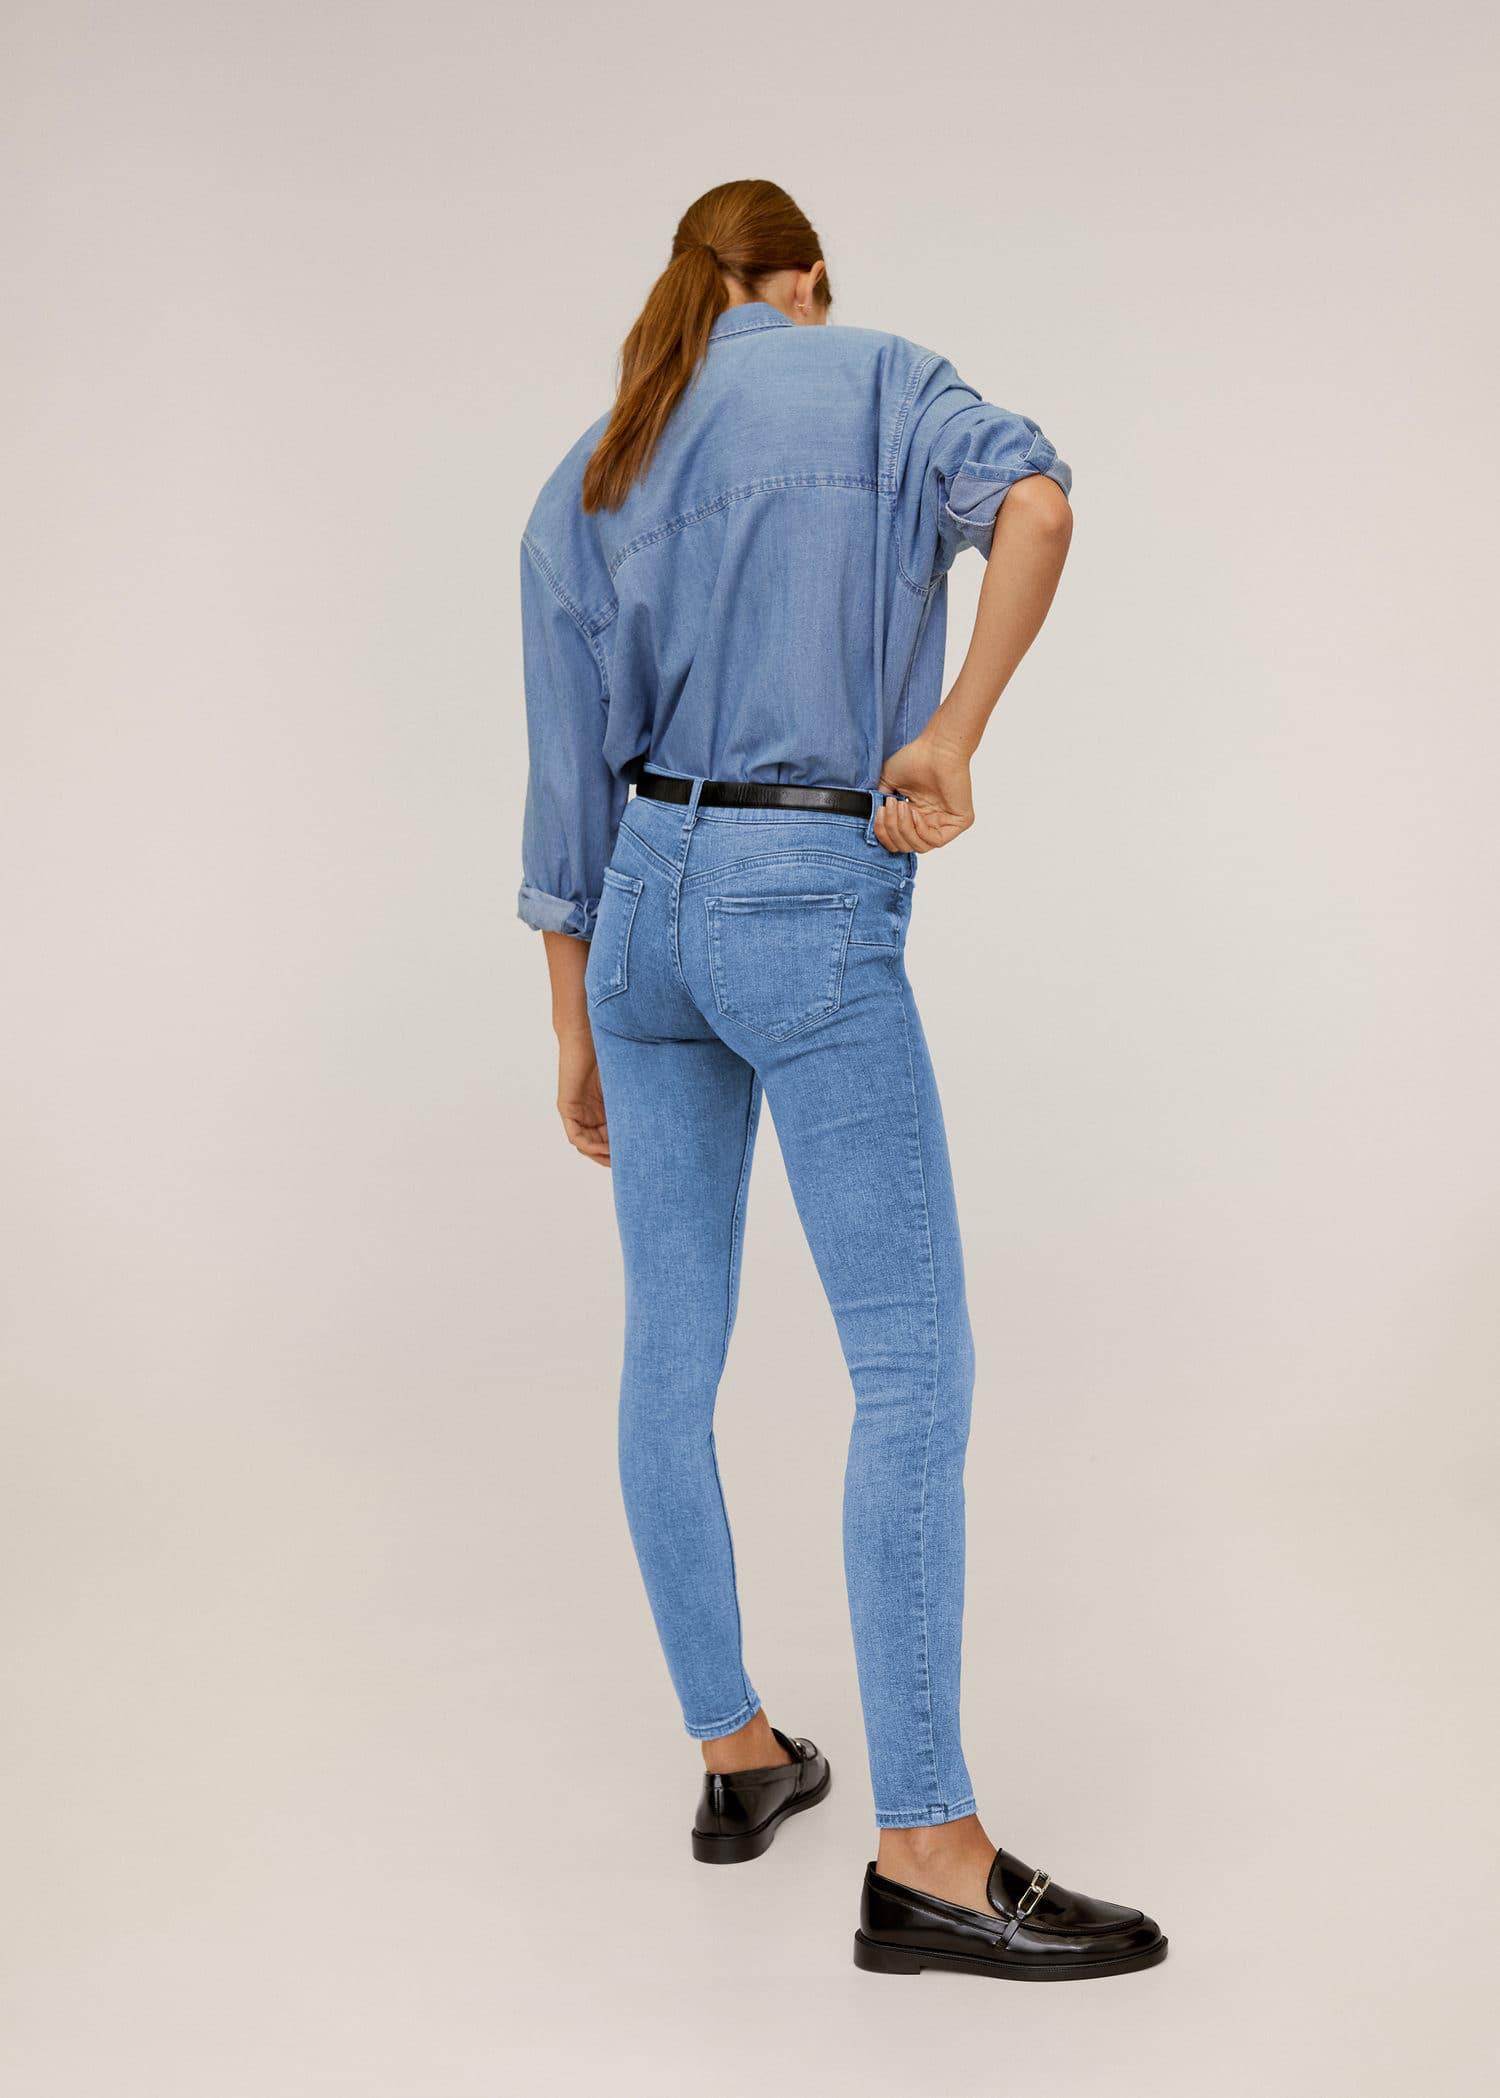 Kim skinny push up jeans Woman | Mango Croatia